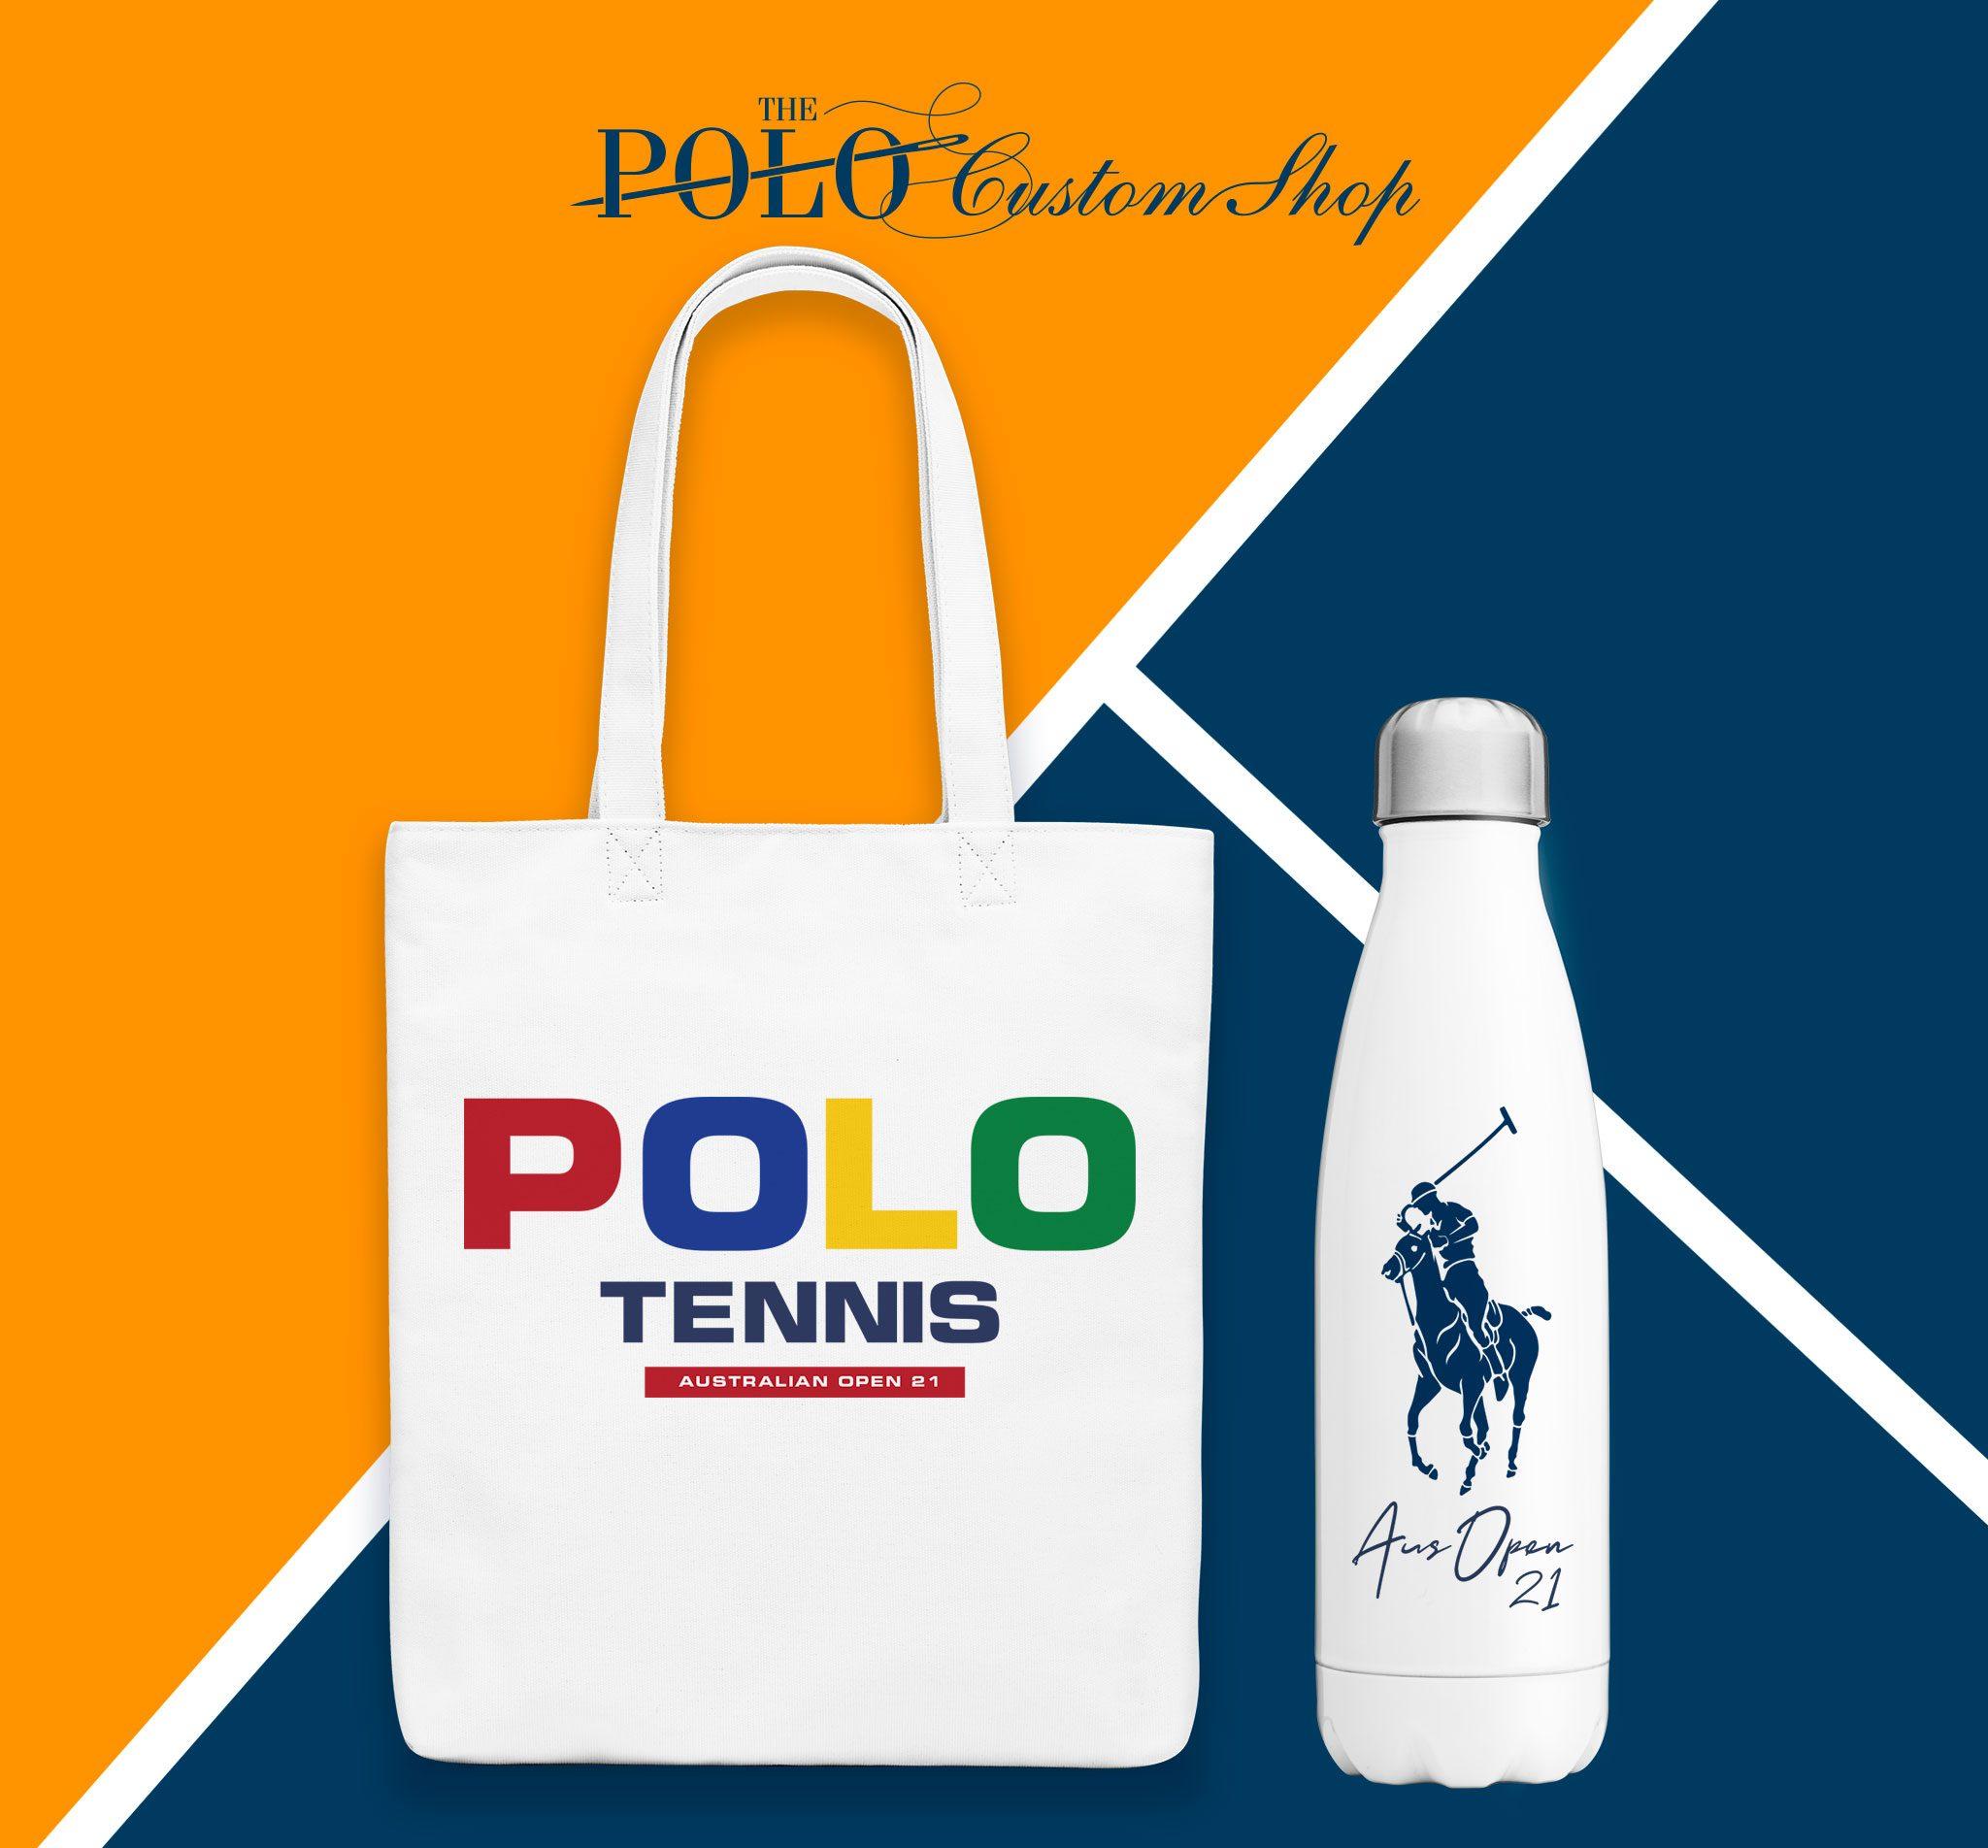 Polo Tennis